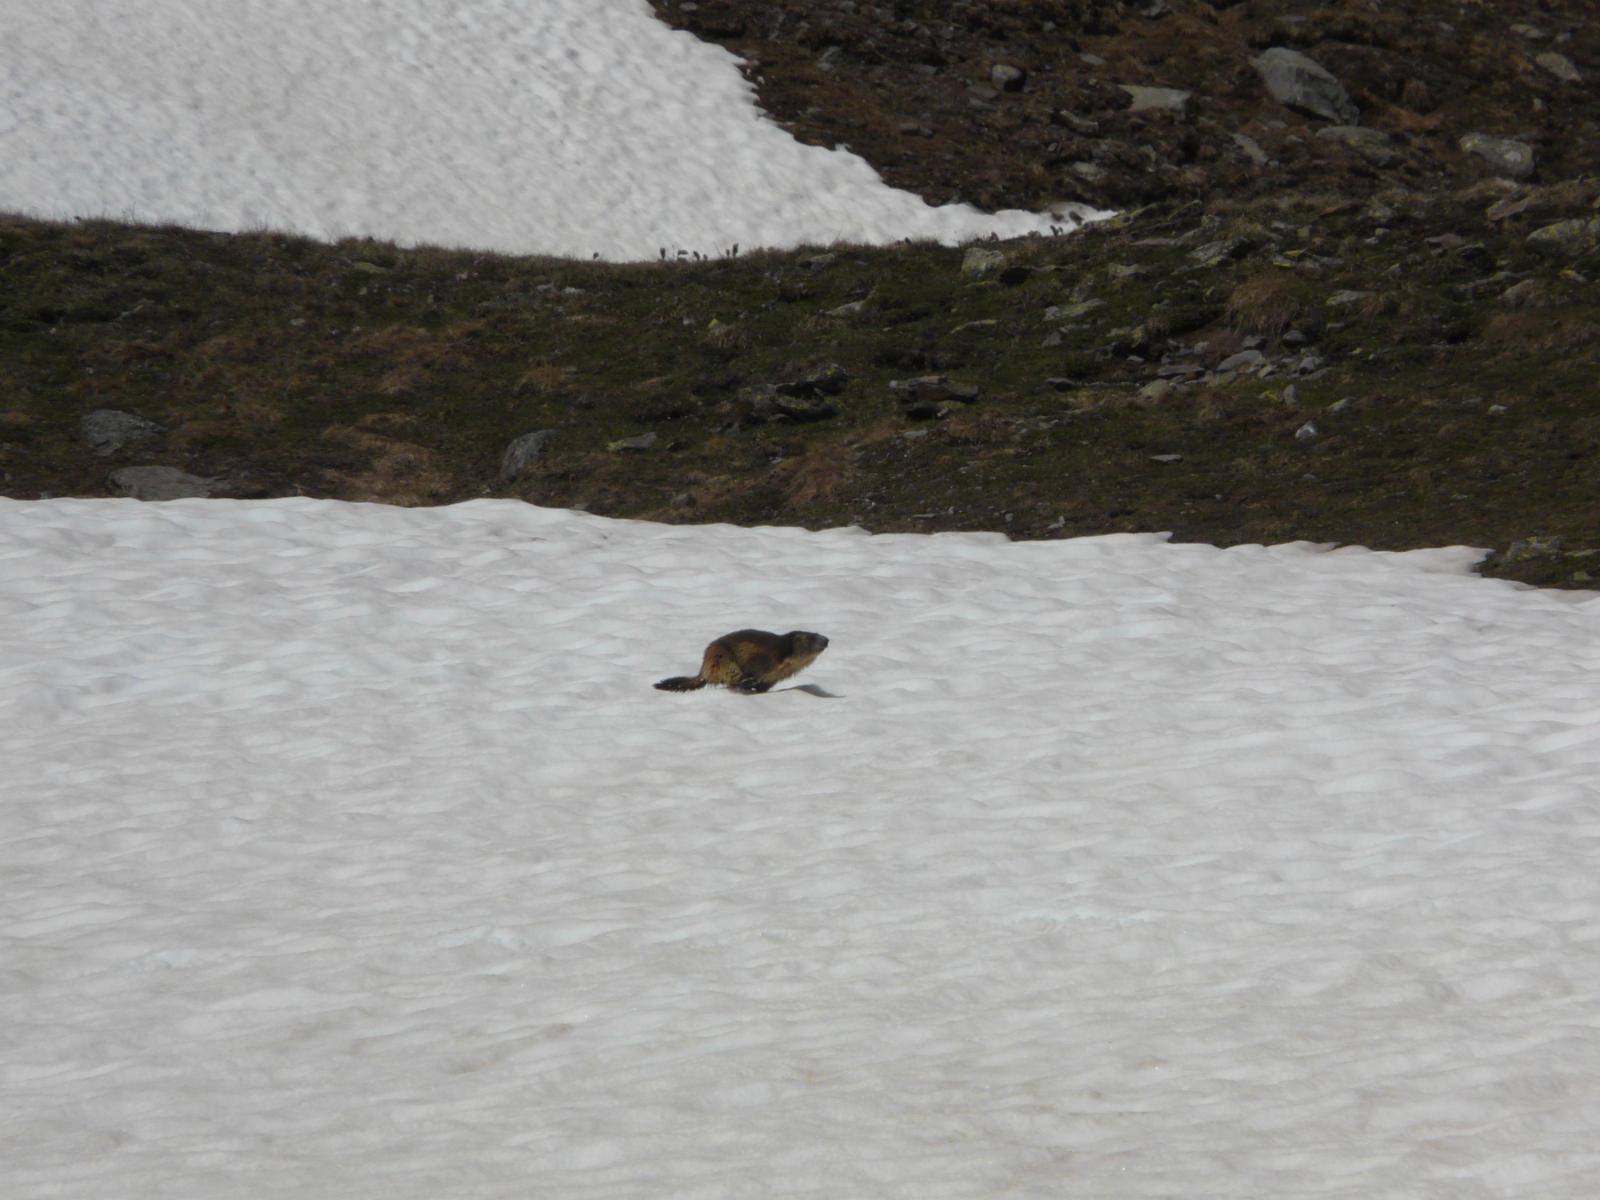 le marmotte corrono sulla neve